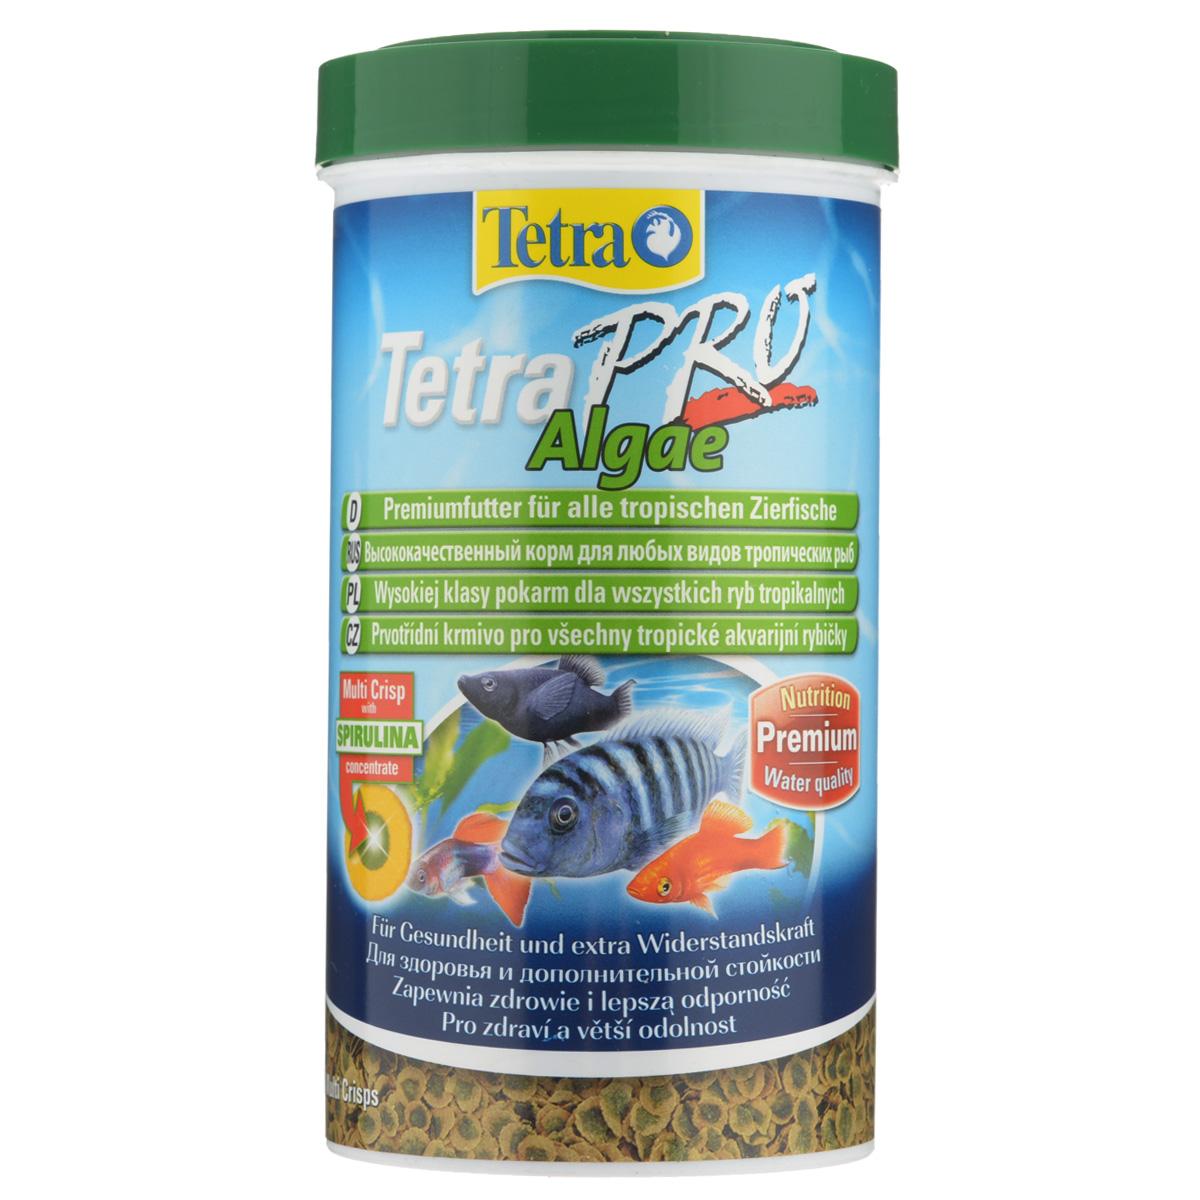 Корм сухой Tetra TetraPro. Algae для всех видов тропических рыб, чипсы, 500 мл (95 г)199217Полноценный высококачественный корм Tetra TetraPro. Algae для всех видов тропических рыб разработан для поддержания здоровья и придания дополнительной стойкости. Особенности Tetra TetraPro. Algae: - щадящая низкотемпературная технология изготовления для высокой питательной ценности и стабильности витаминов; - концентрат спирулина для повышения сопротивляемости организма; - инновационная форма чипсов для минимального загрязнения воды; - идеально подходит для растительноядных рыб; - легкое кормление. Рекомендации по кормлению: кормить несколько раз в день маленькими порциями. Состав: рыба и побочные рыбные продукты, зерновые культуры, экстракты растительного белка, дрожжи, моллюски и раки, масла и жиры, водоросли (спирулина 1%). Аналитические компоненты: сырой белок - 46%, сырые масла и жиры - 12%, сырая клетчатка - 3%, влага - 9%. Добавки: витамины, провитамины и химические вещества с аналогичным воздействием, витамин А 29810 МЕ/кг, витамин Д3 1860 МЕ/кг, Л-карнитин 123 мг/кг. Комбинации элементов: Е5 Марганец 67 мг/кг, Е6 Цинк 40 мг/кг, Е1 Железо 26 мг/кг. Красители, консерванты, антиоксиданты. Товар сертифицирован.